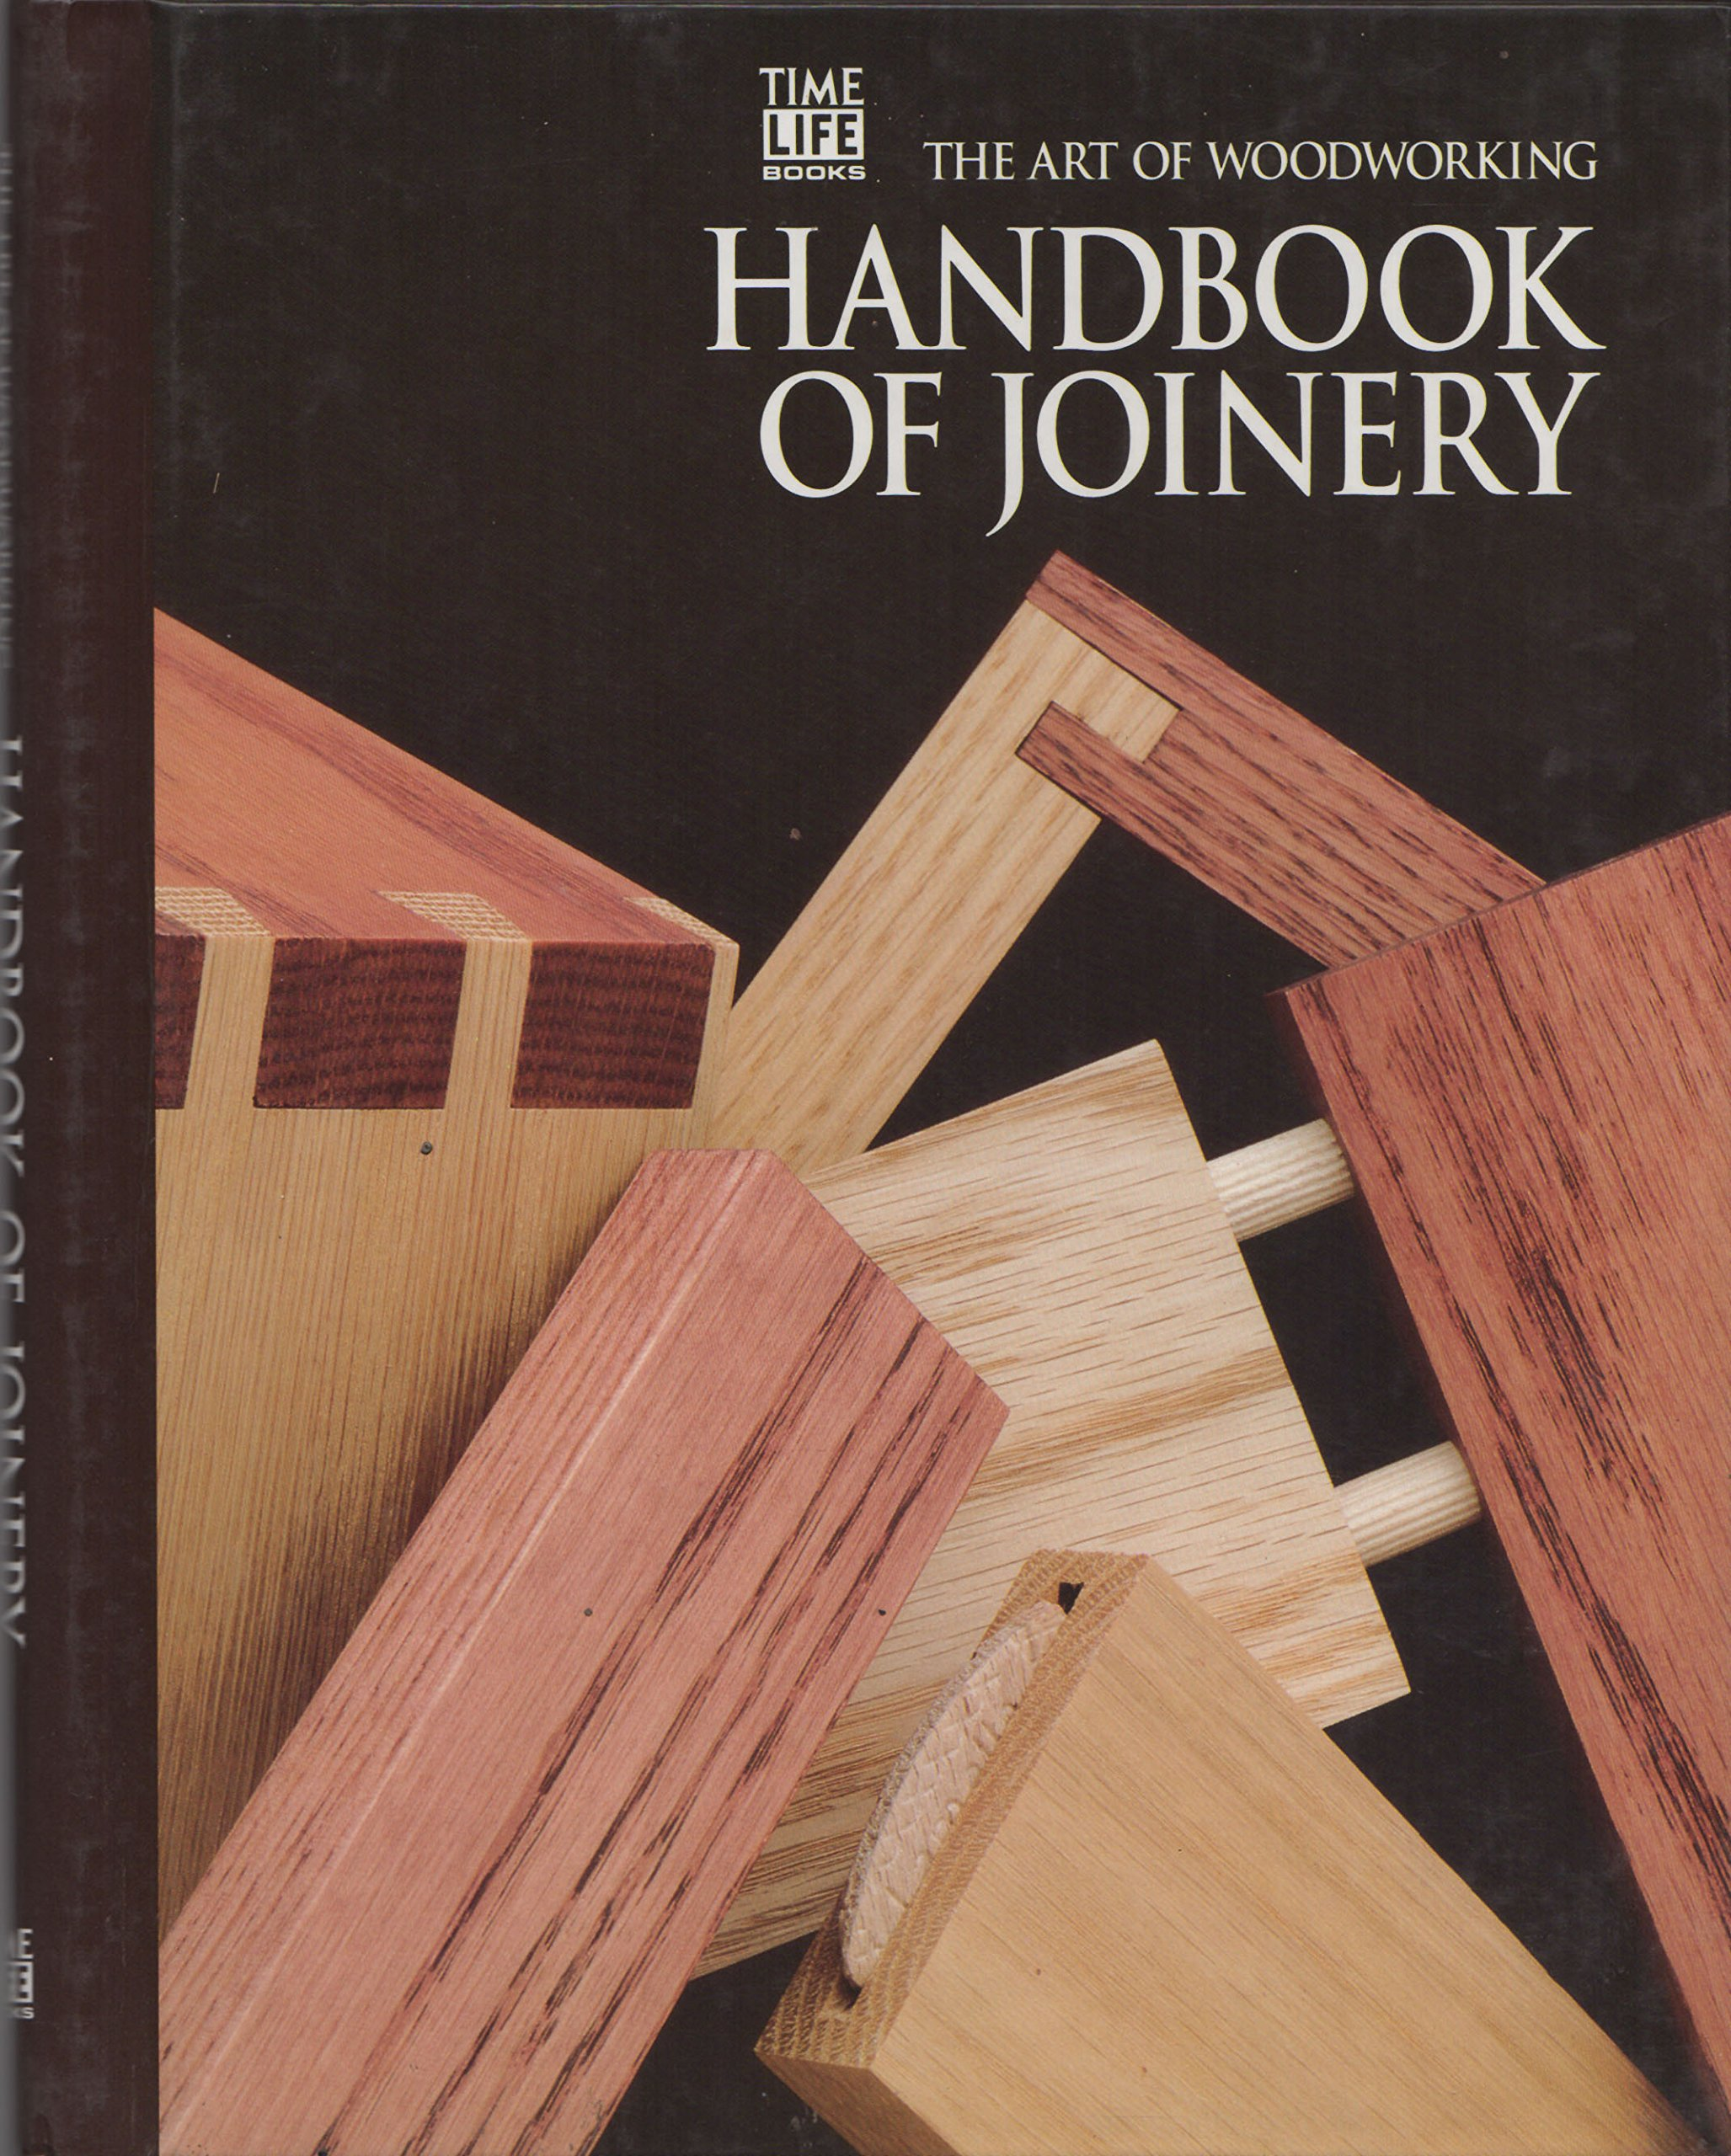 Art of Woodworking - Handbook Of Joinery